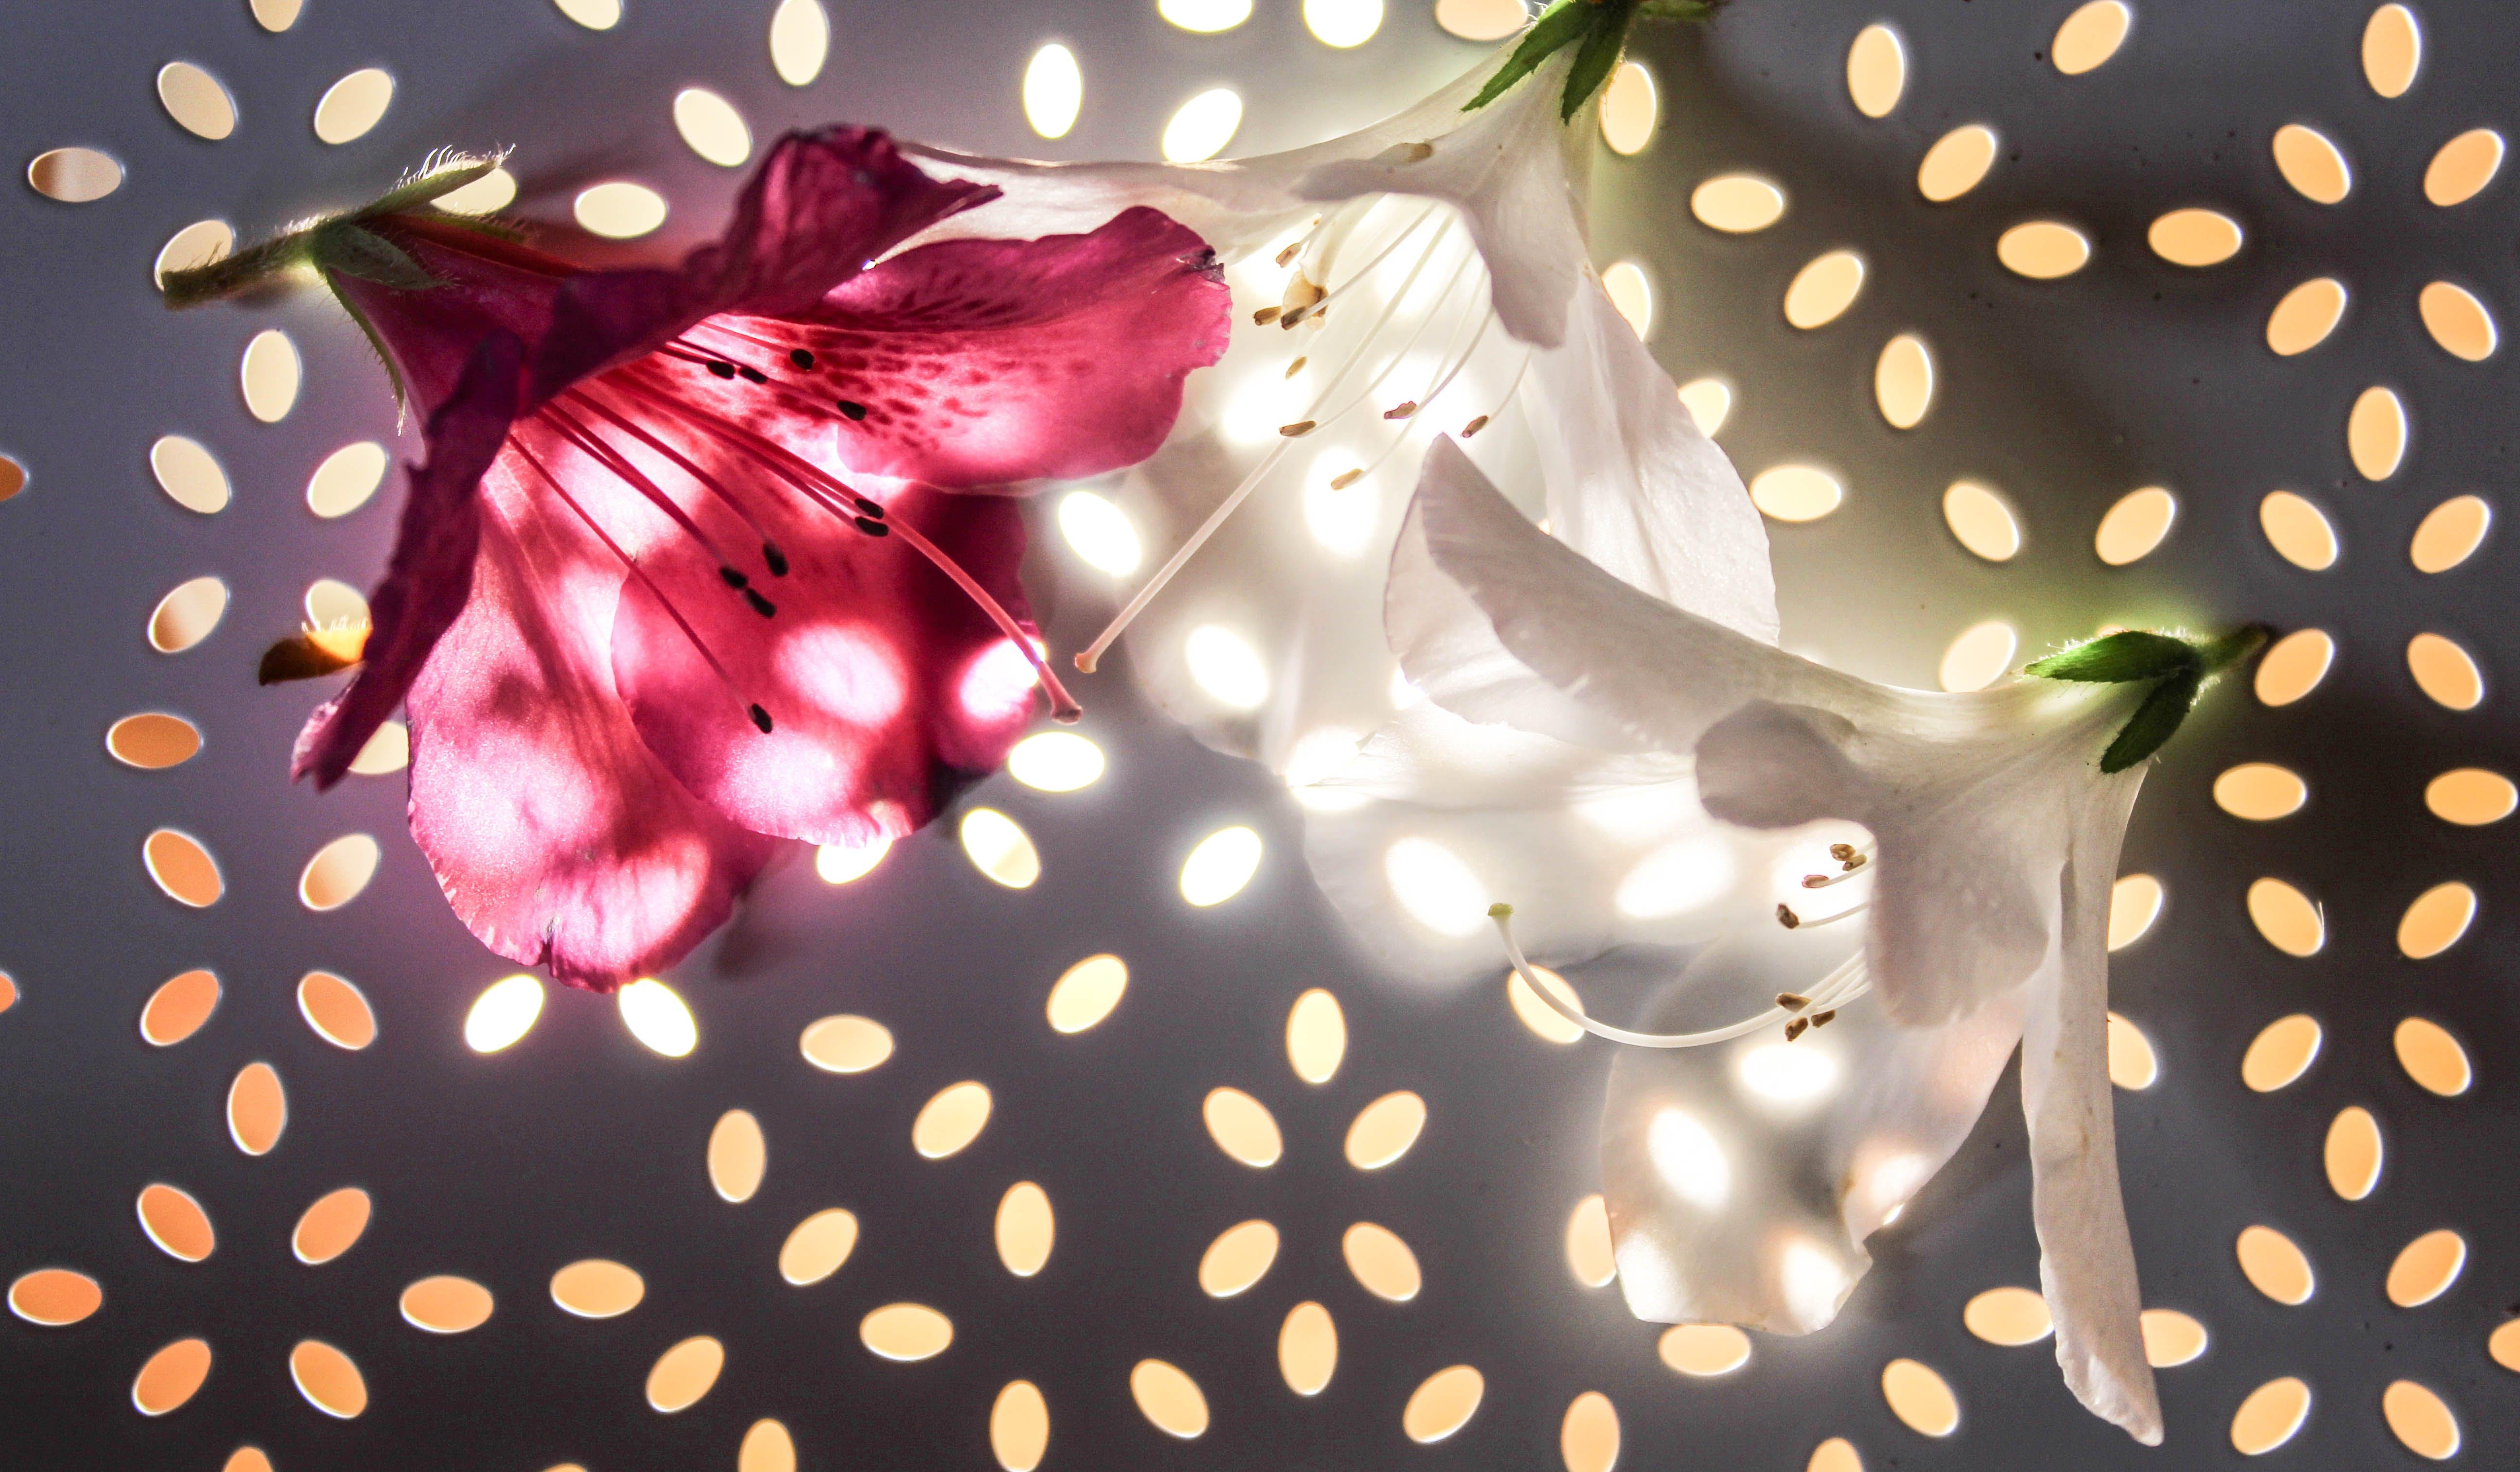 Gratis stockfoto met abstracte achtergrond, fel, gloeiend, mooie bloemen